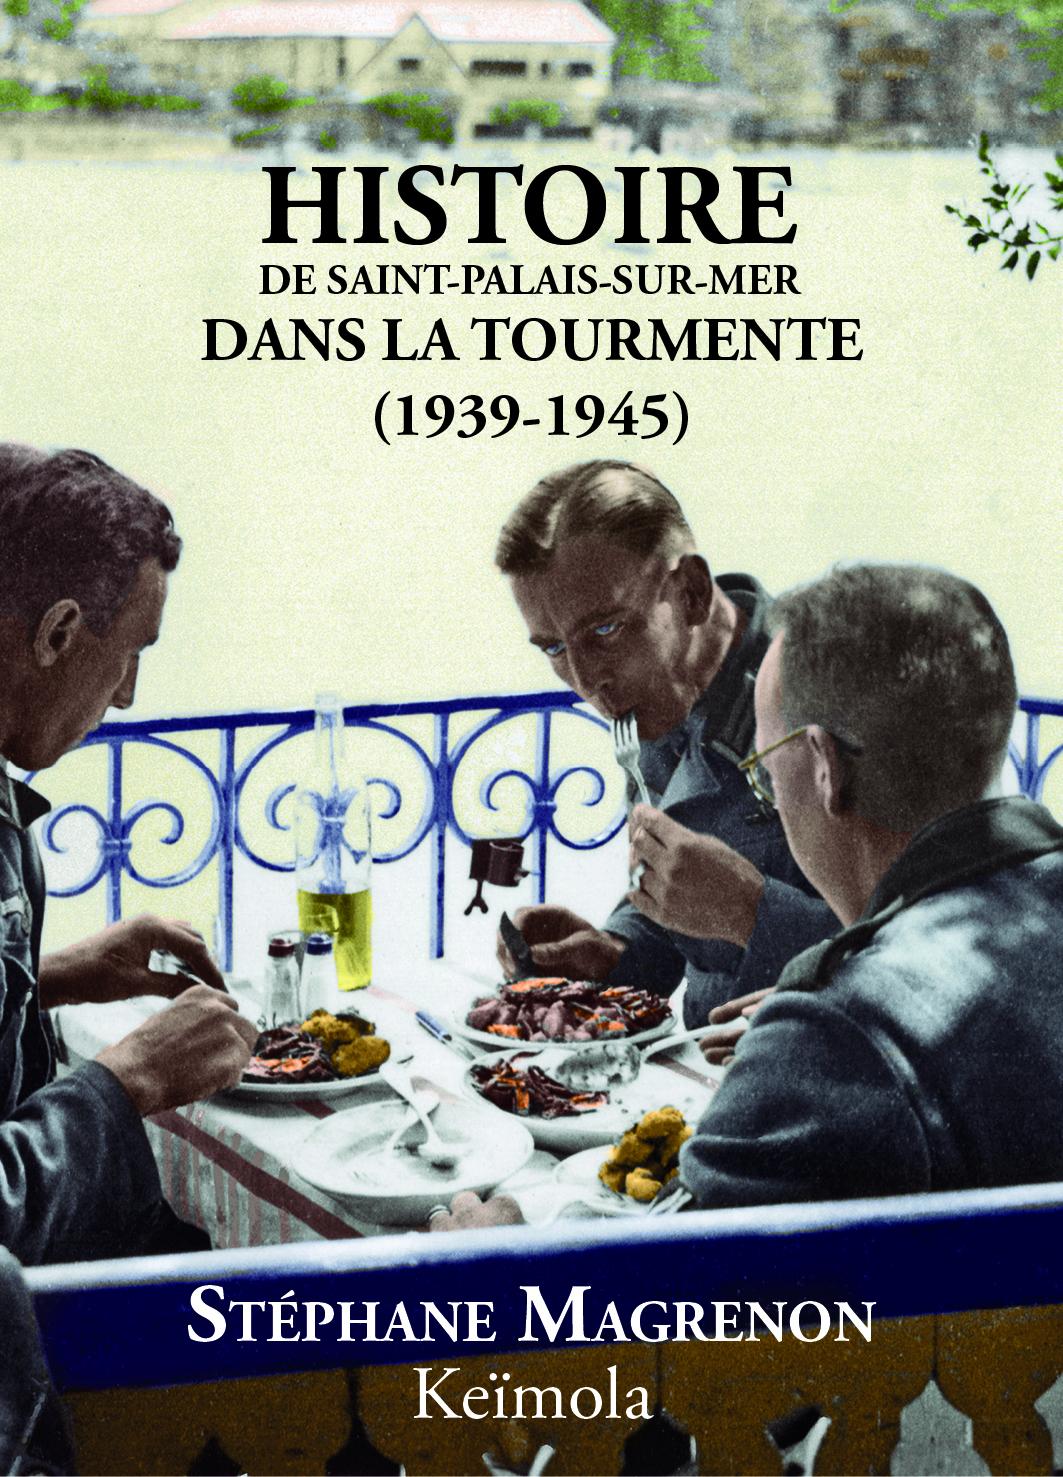 Histoire de Saint-Palais-sur-Mer couverture seule